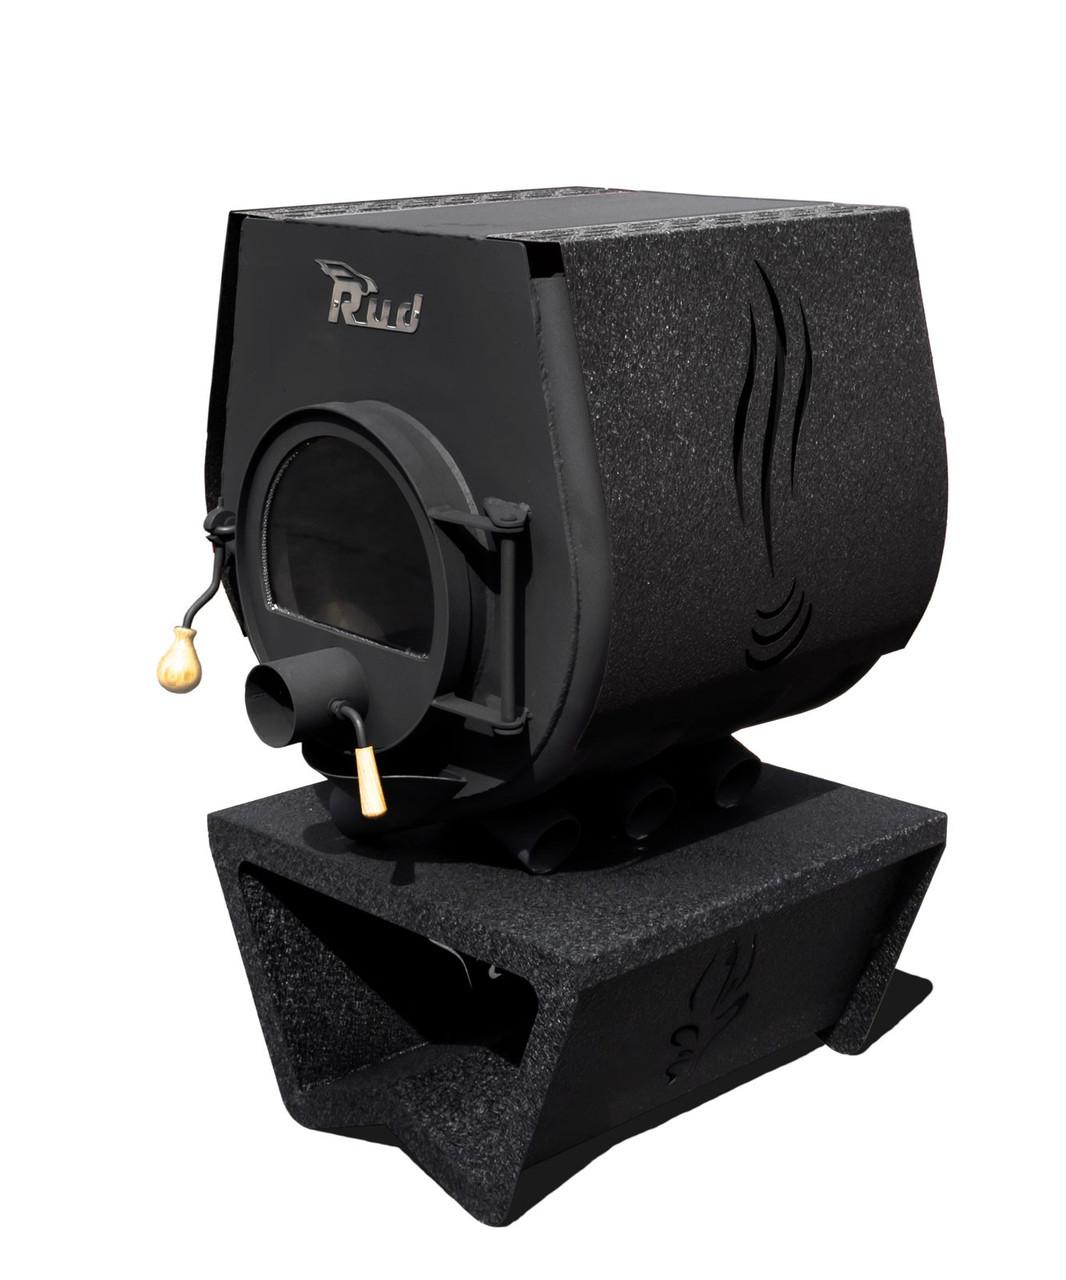 Отопительная конвекционная печь Rud Pyrotron Кантри 01 с варочной поверхностью (отапливаемая площадь 80 кв.м.  Стекло в дверце печи